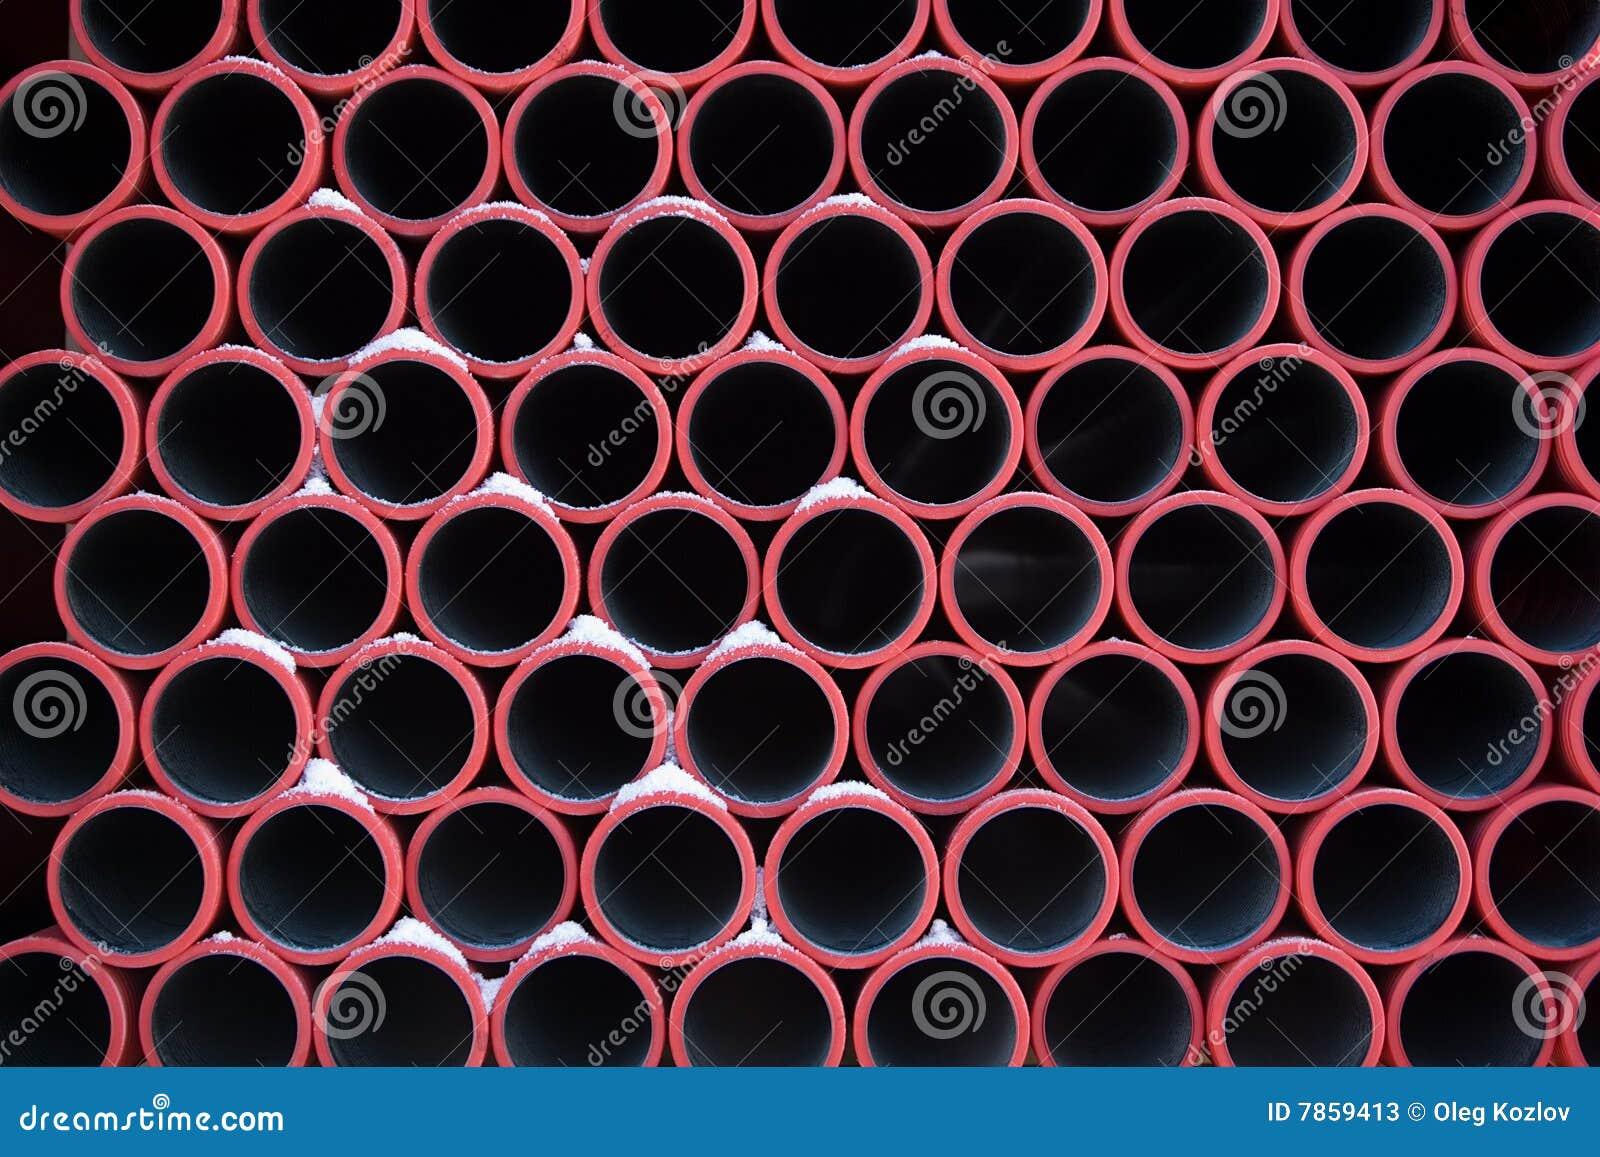 模式用管道输送红色